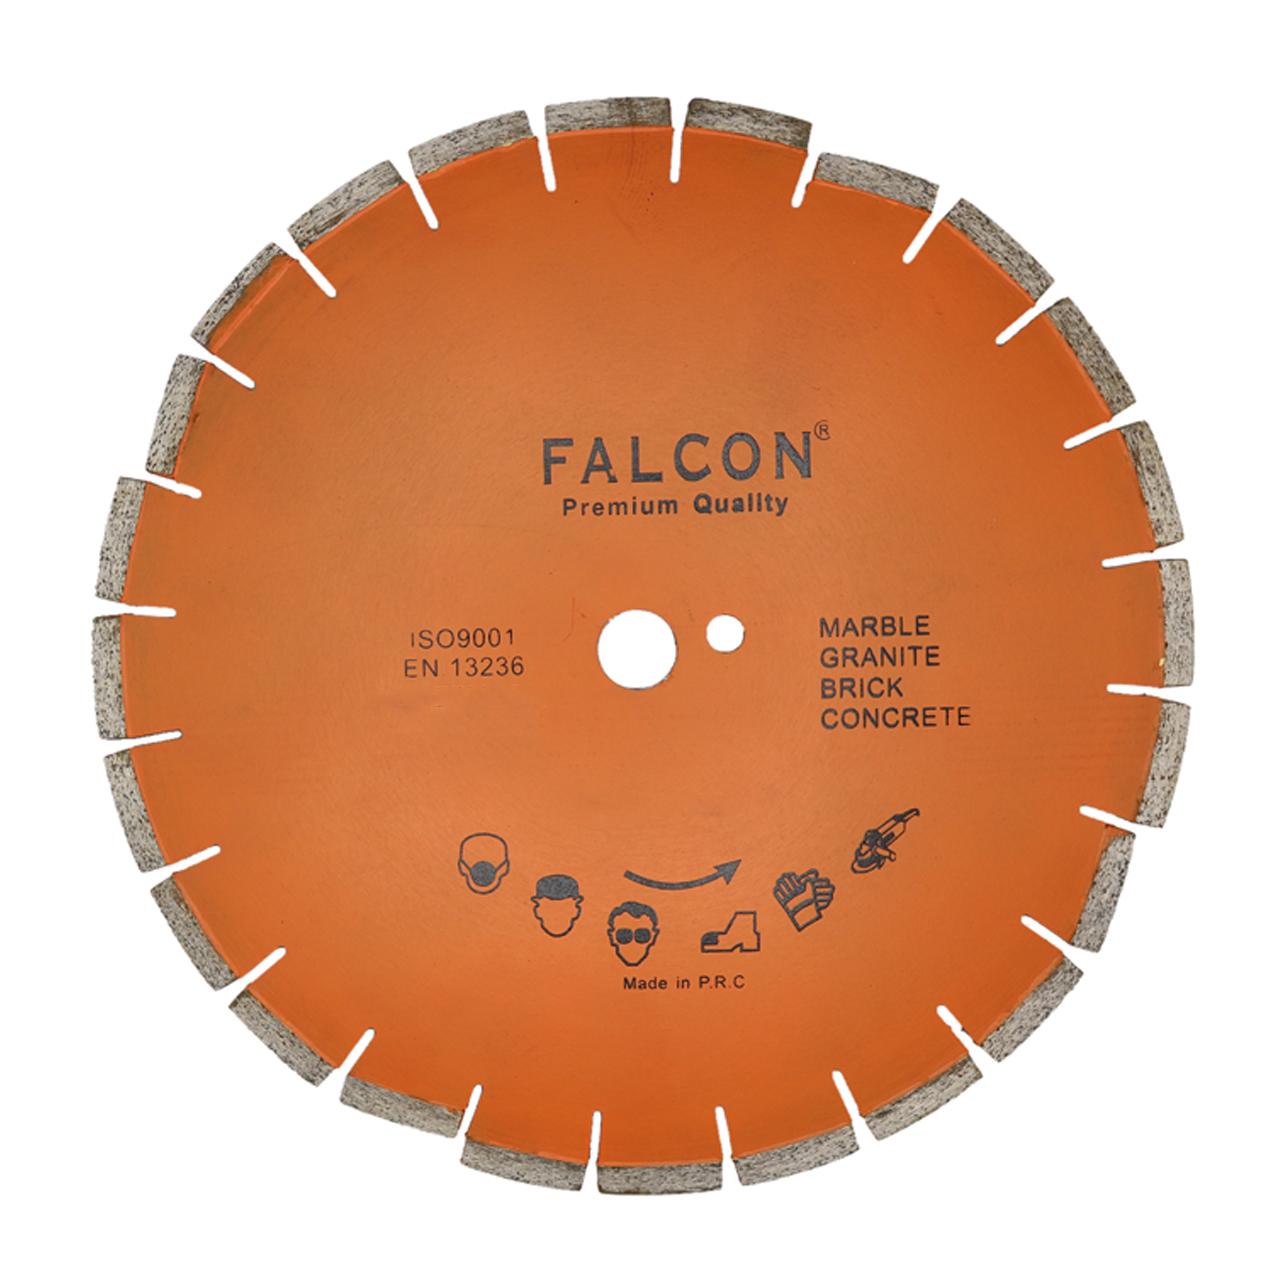 صفحه برش آسفالت فالکون مدل ASP-400